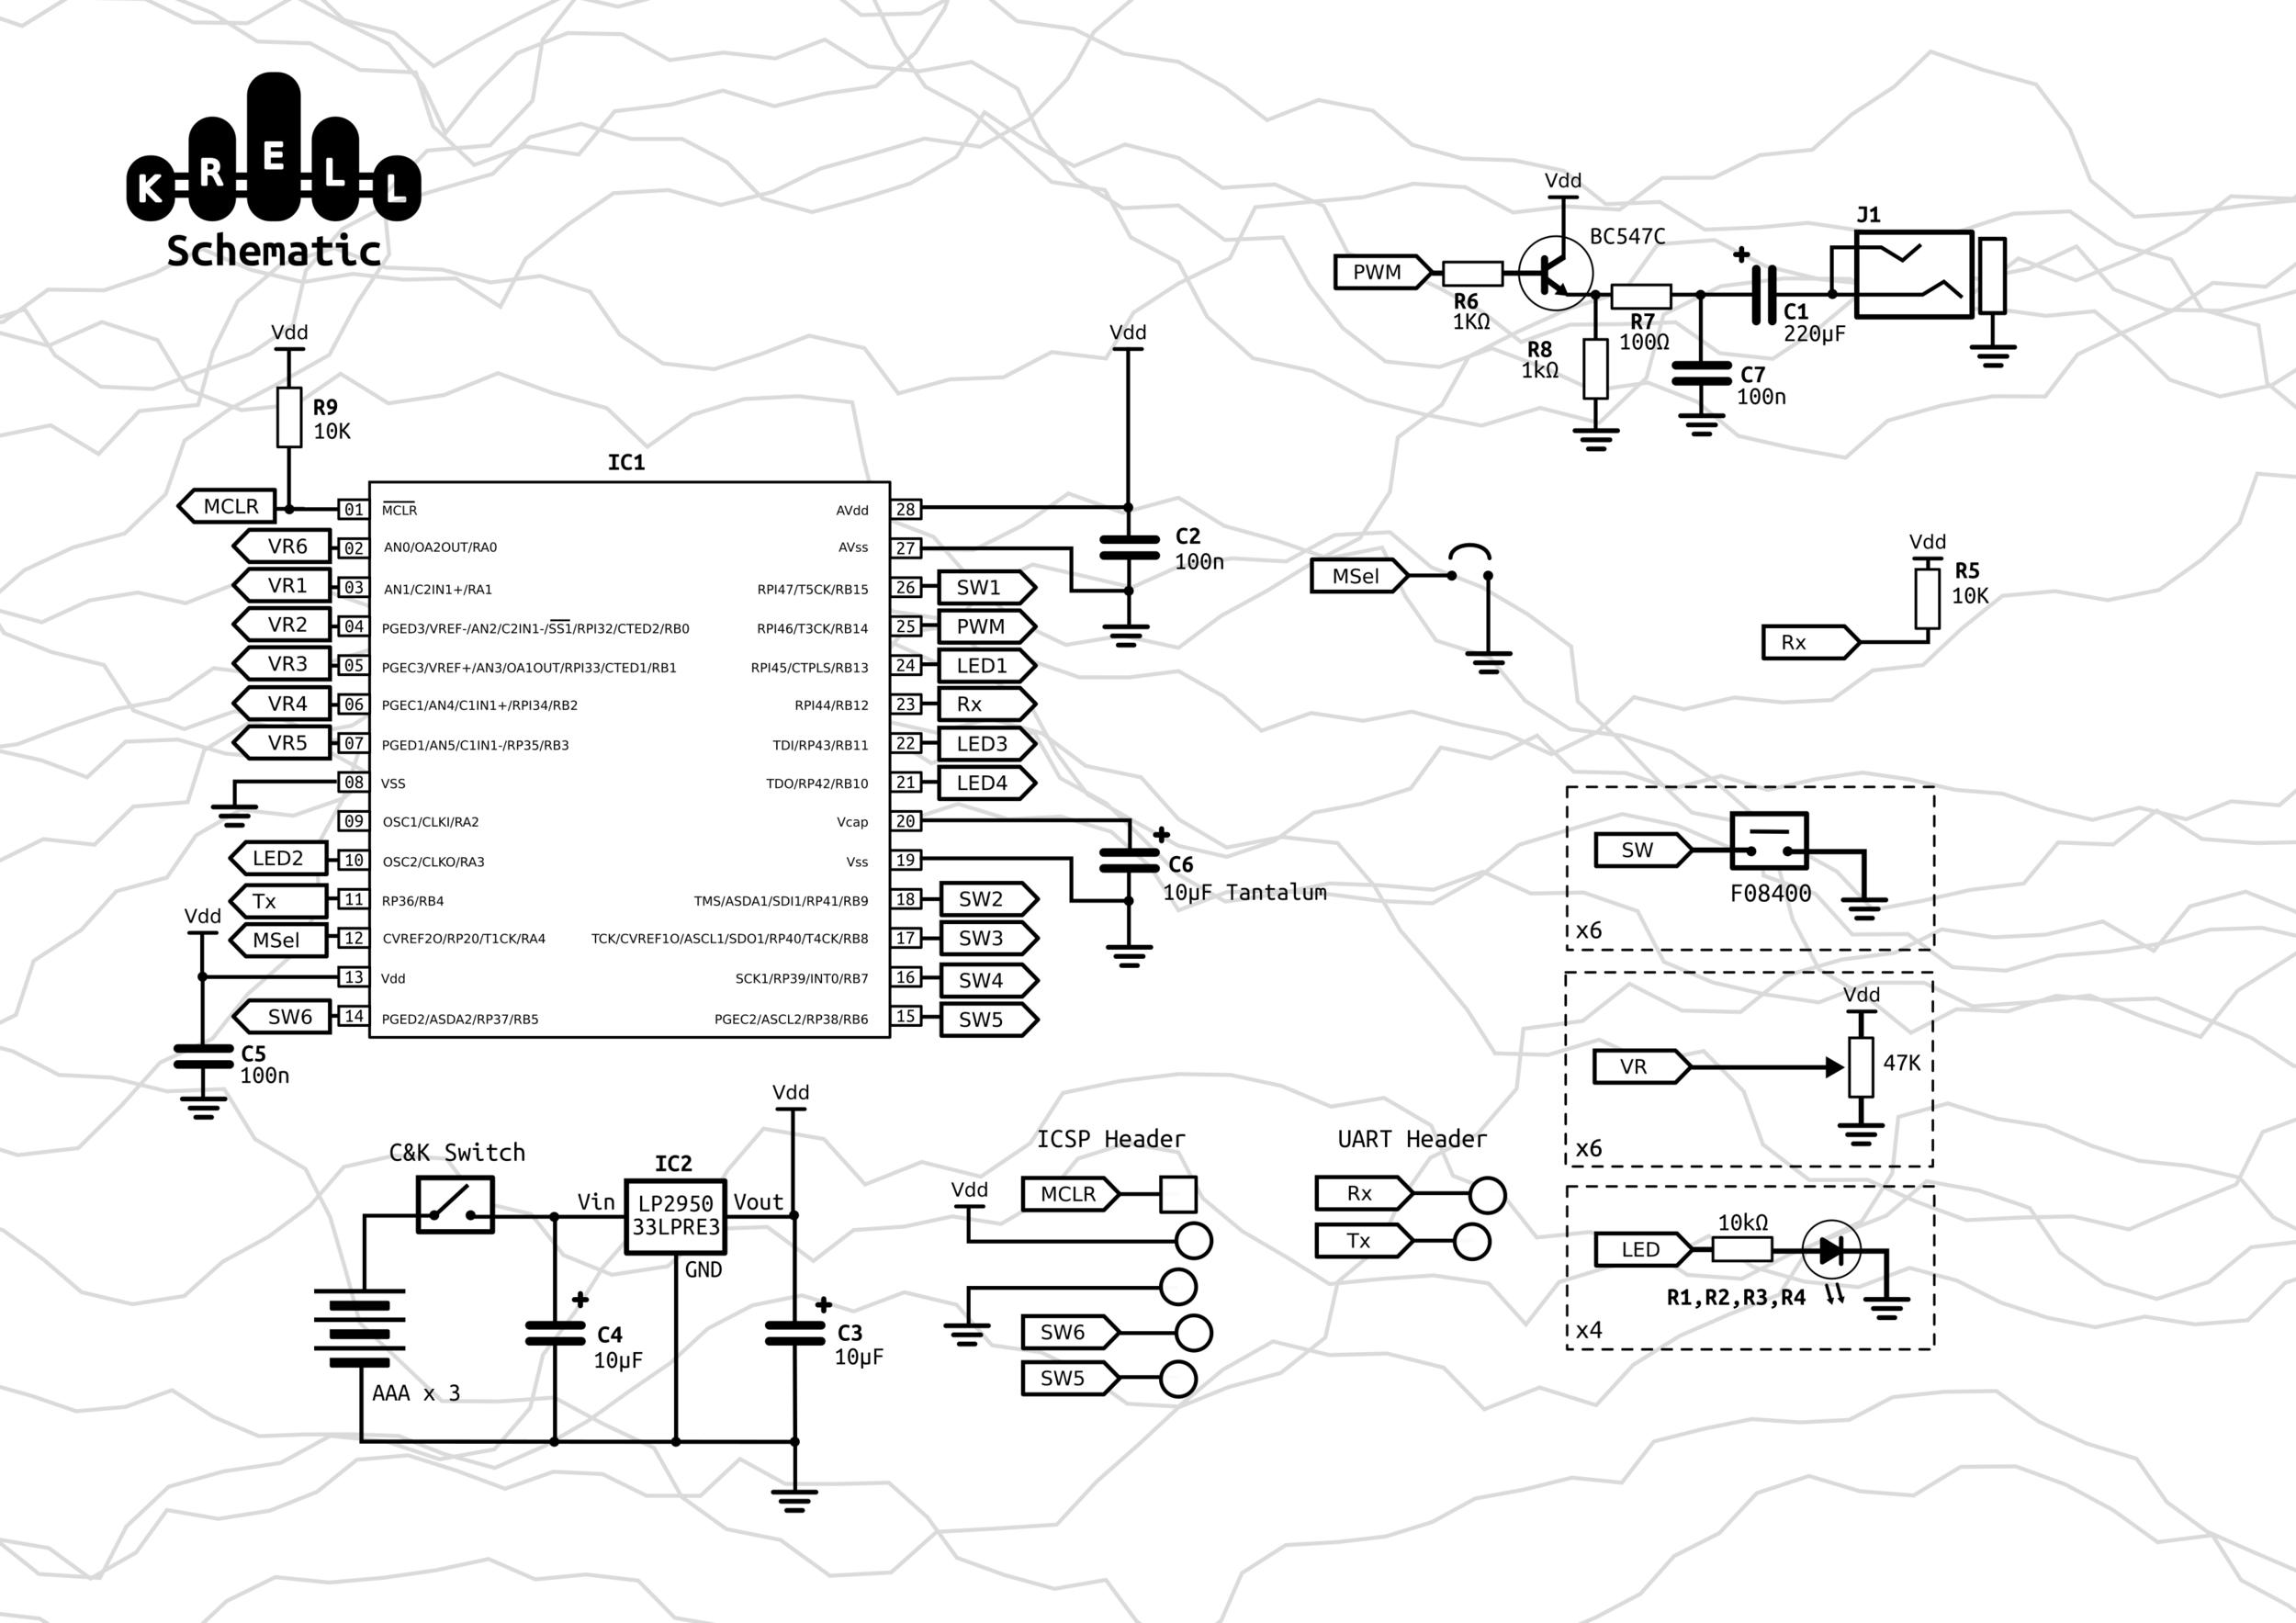 Krell Schematic    PDF